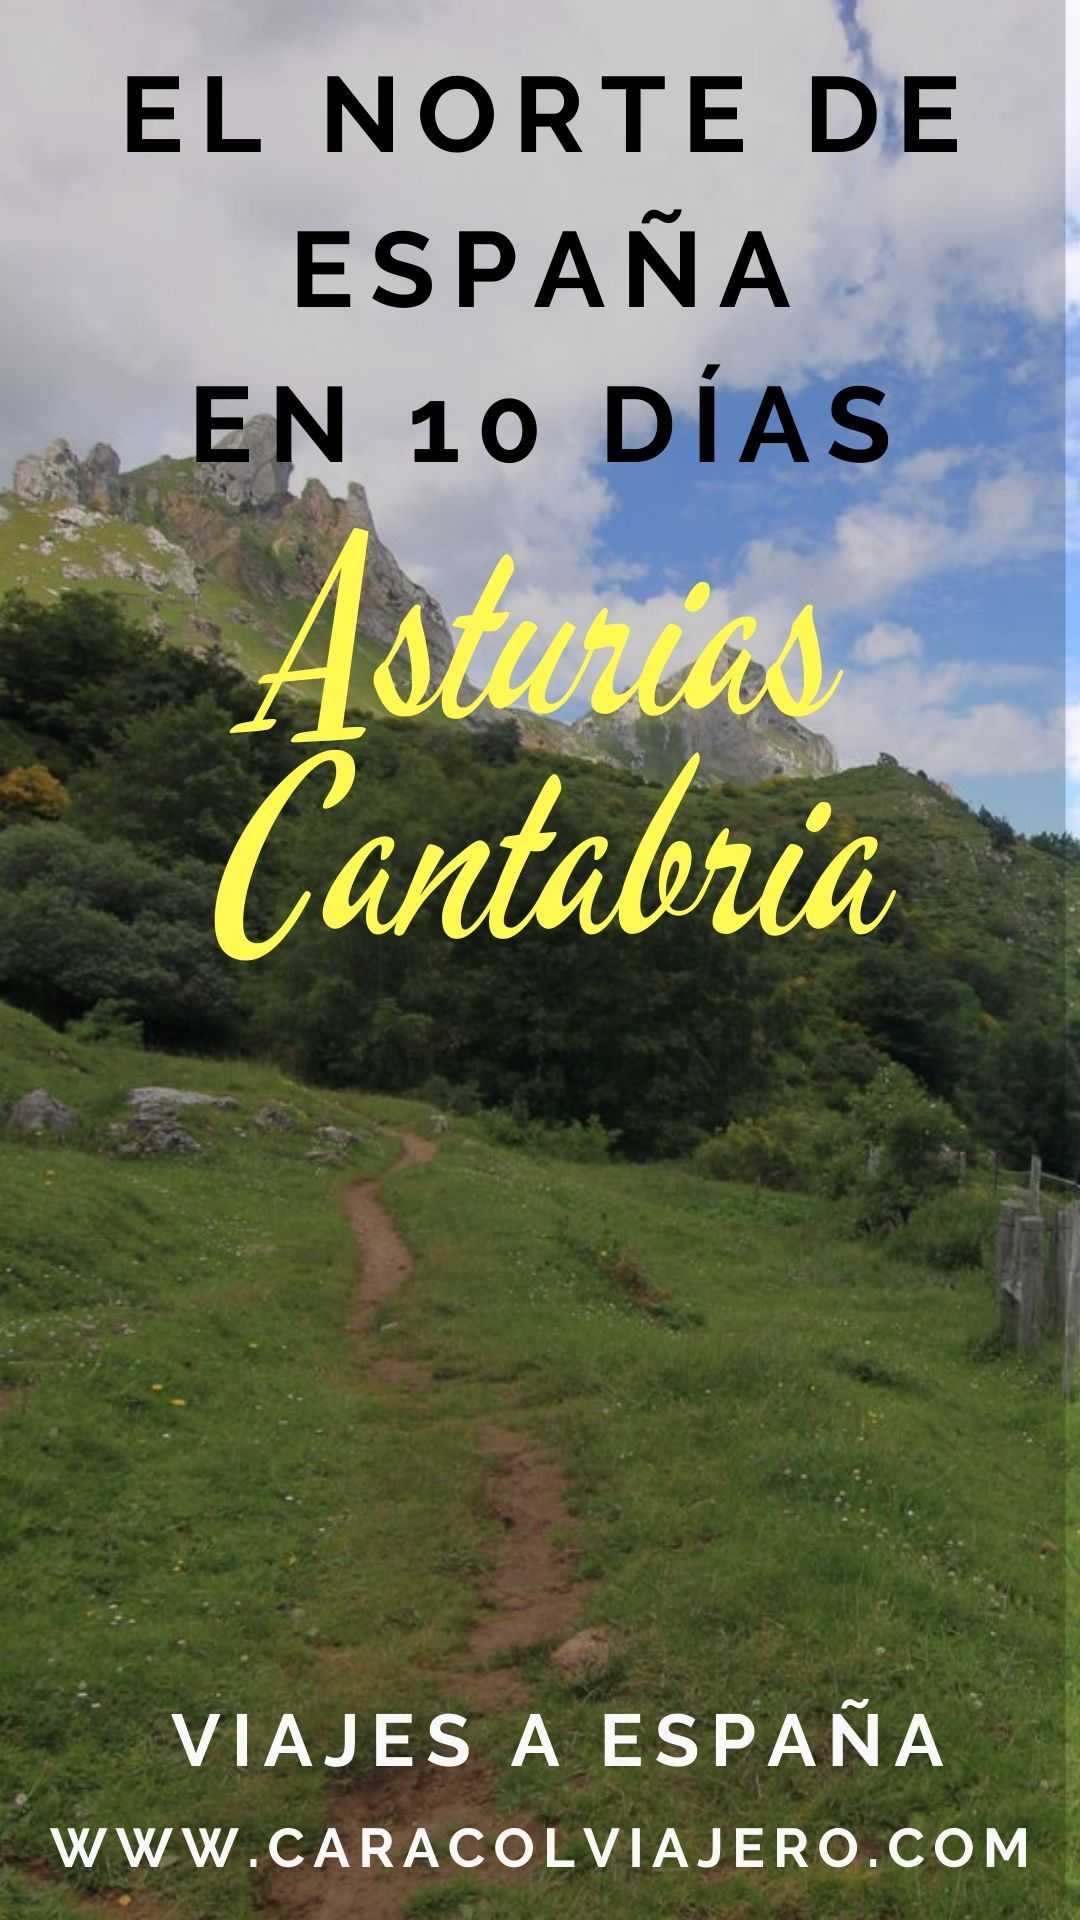 Ruta Por El Norte De España Asturias Y Cantabria Caracol Viajero España Viajar Por España Rutas